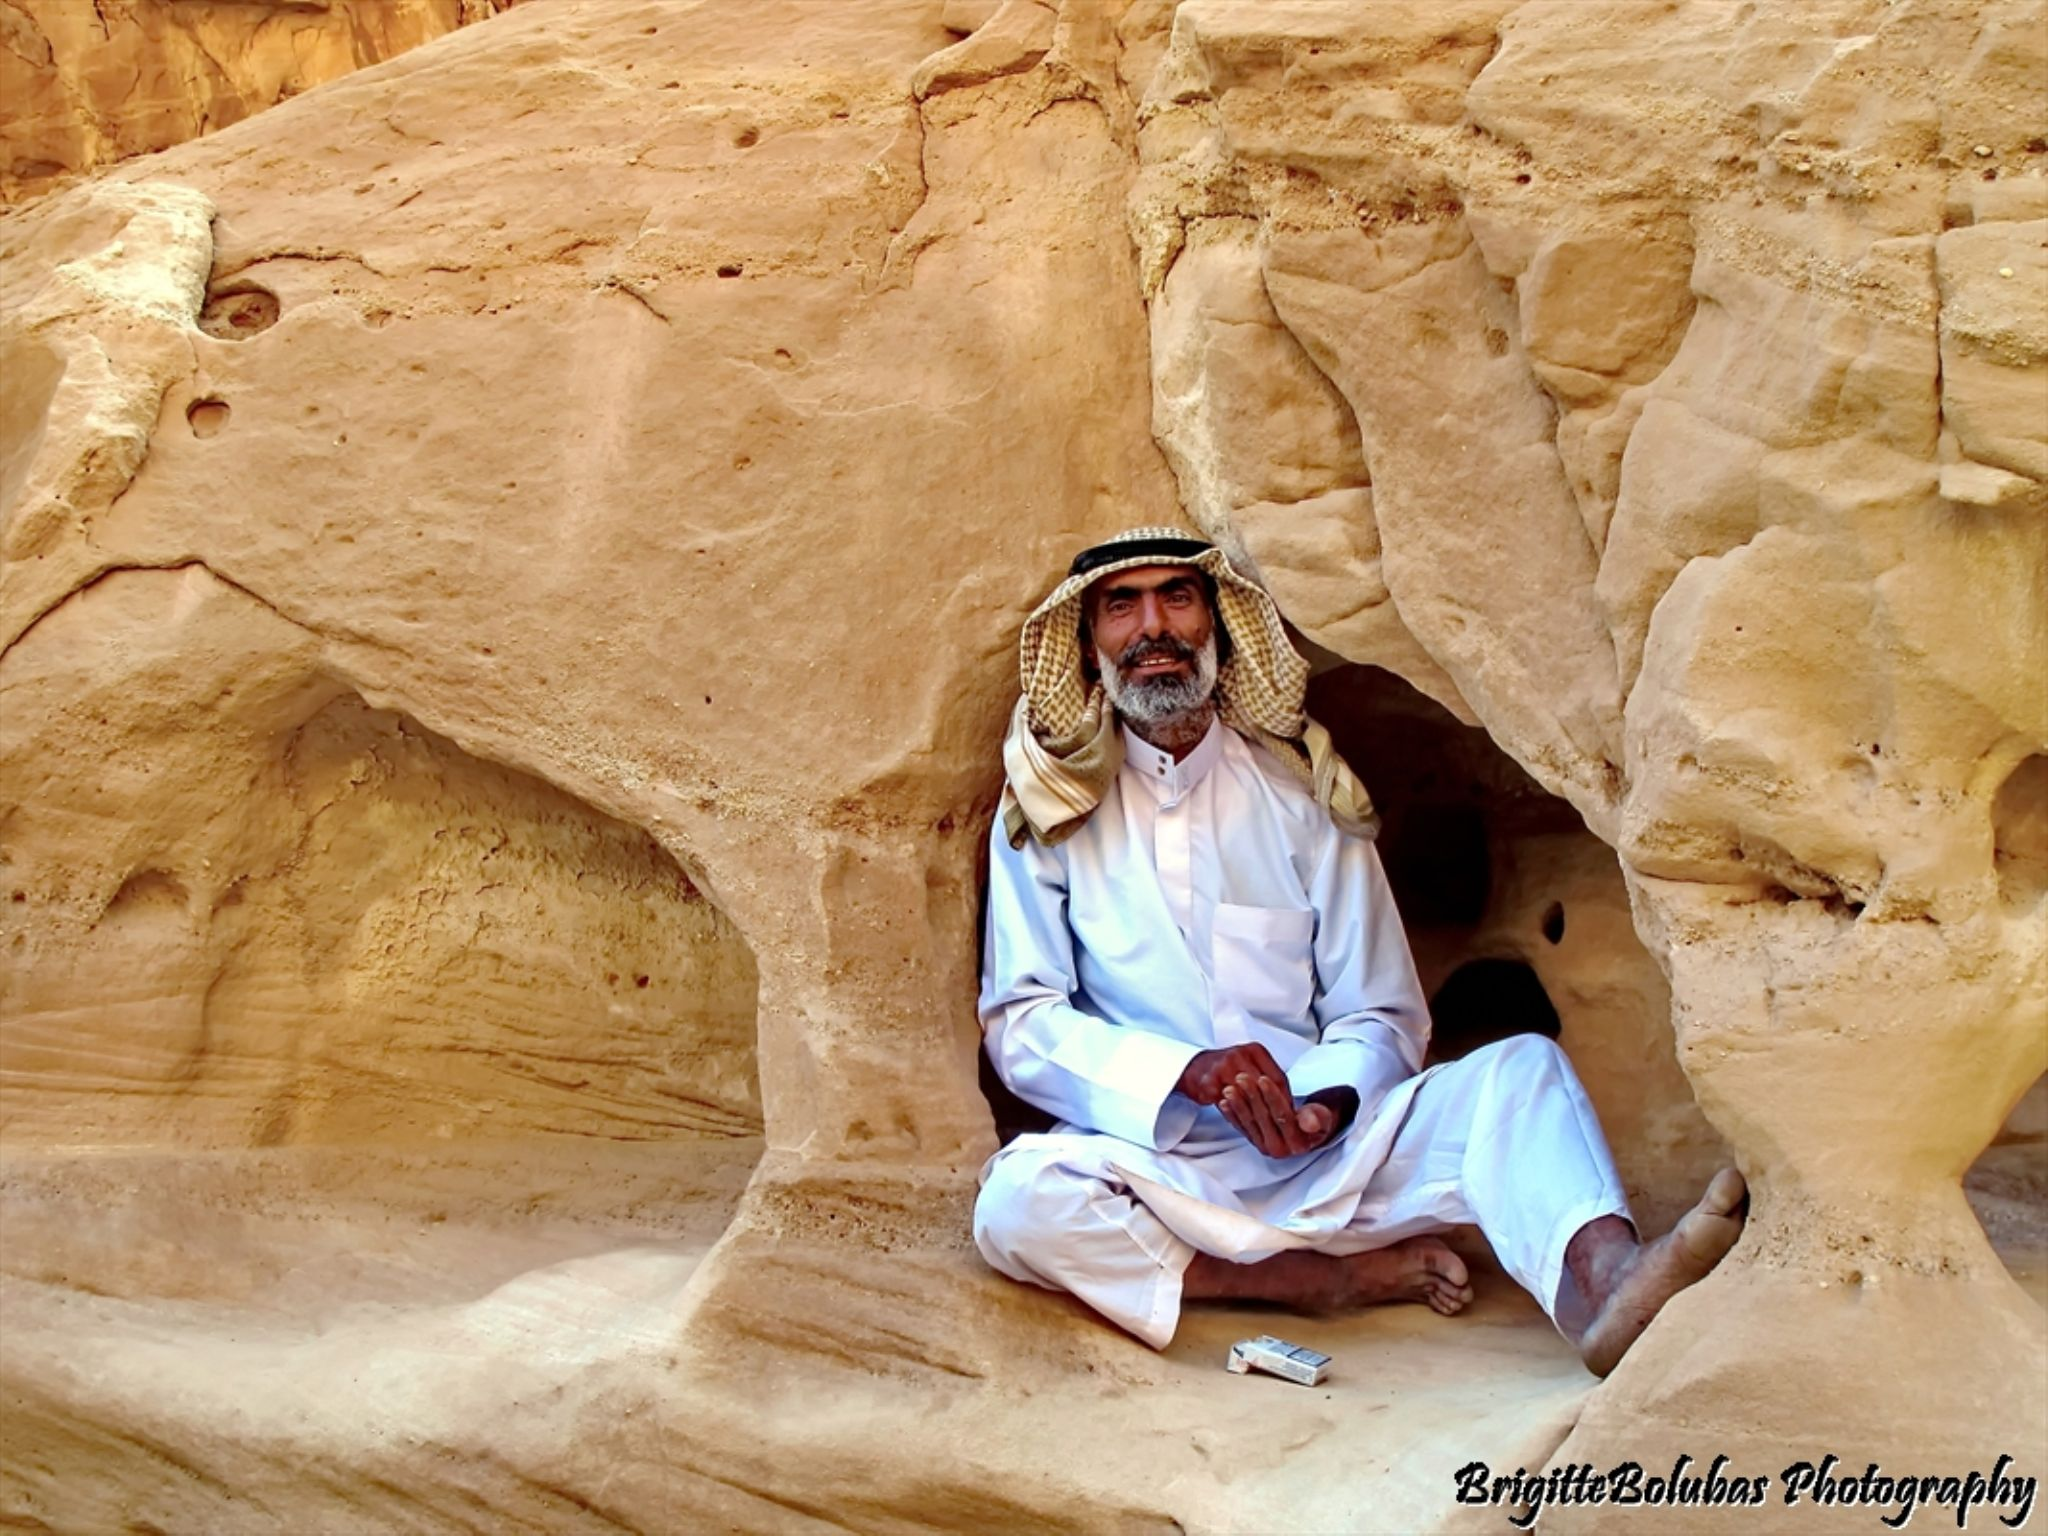 Beduin man by LiliomToursBrigitta